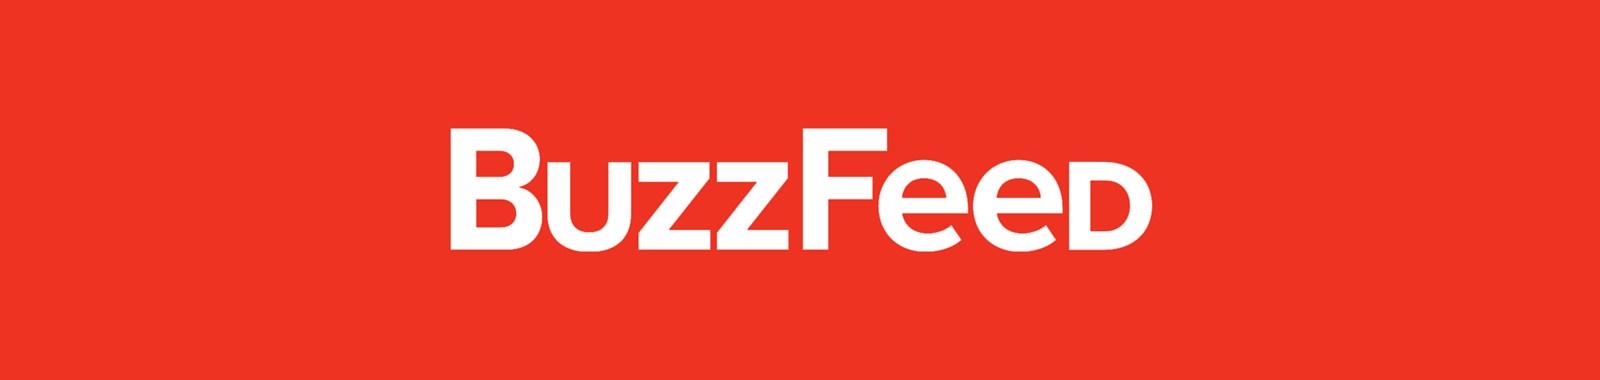 月間2億ユーザーを魅了する、BuzzFeed流「バズ記事」の作り方